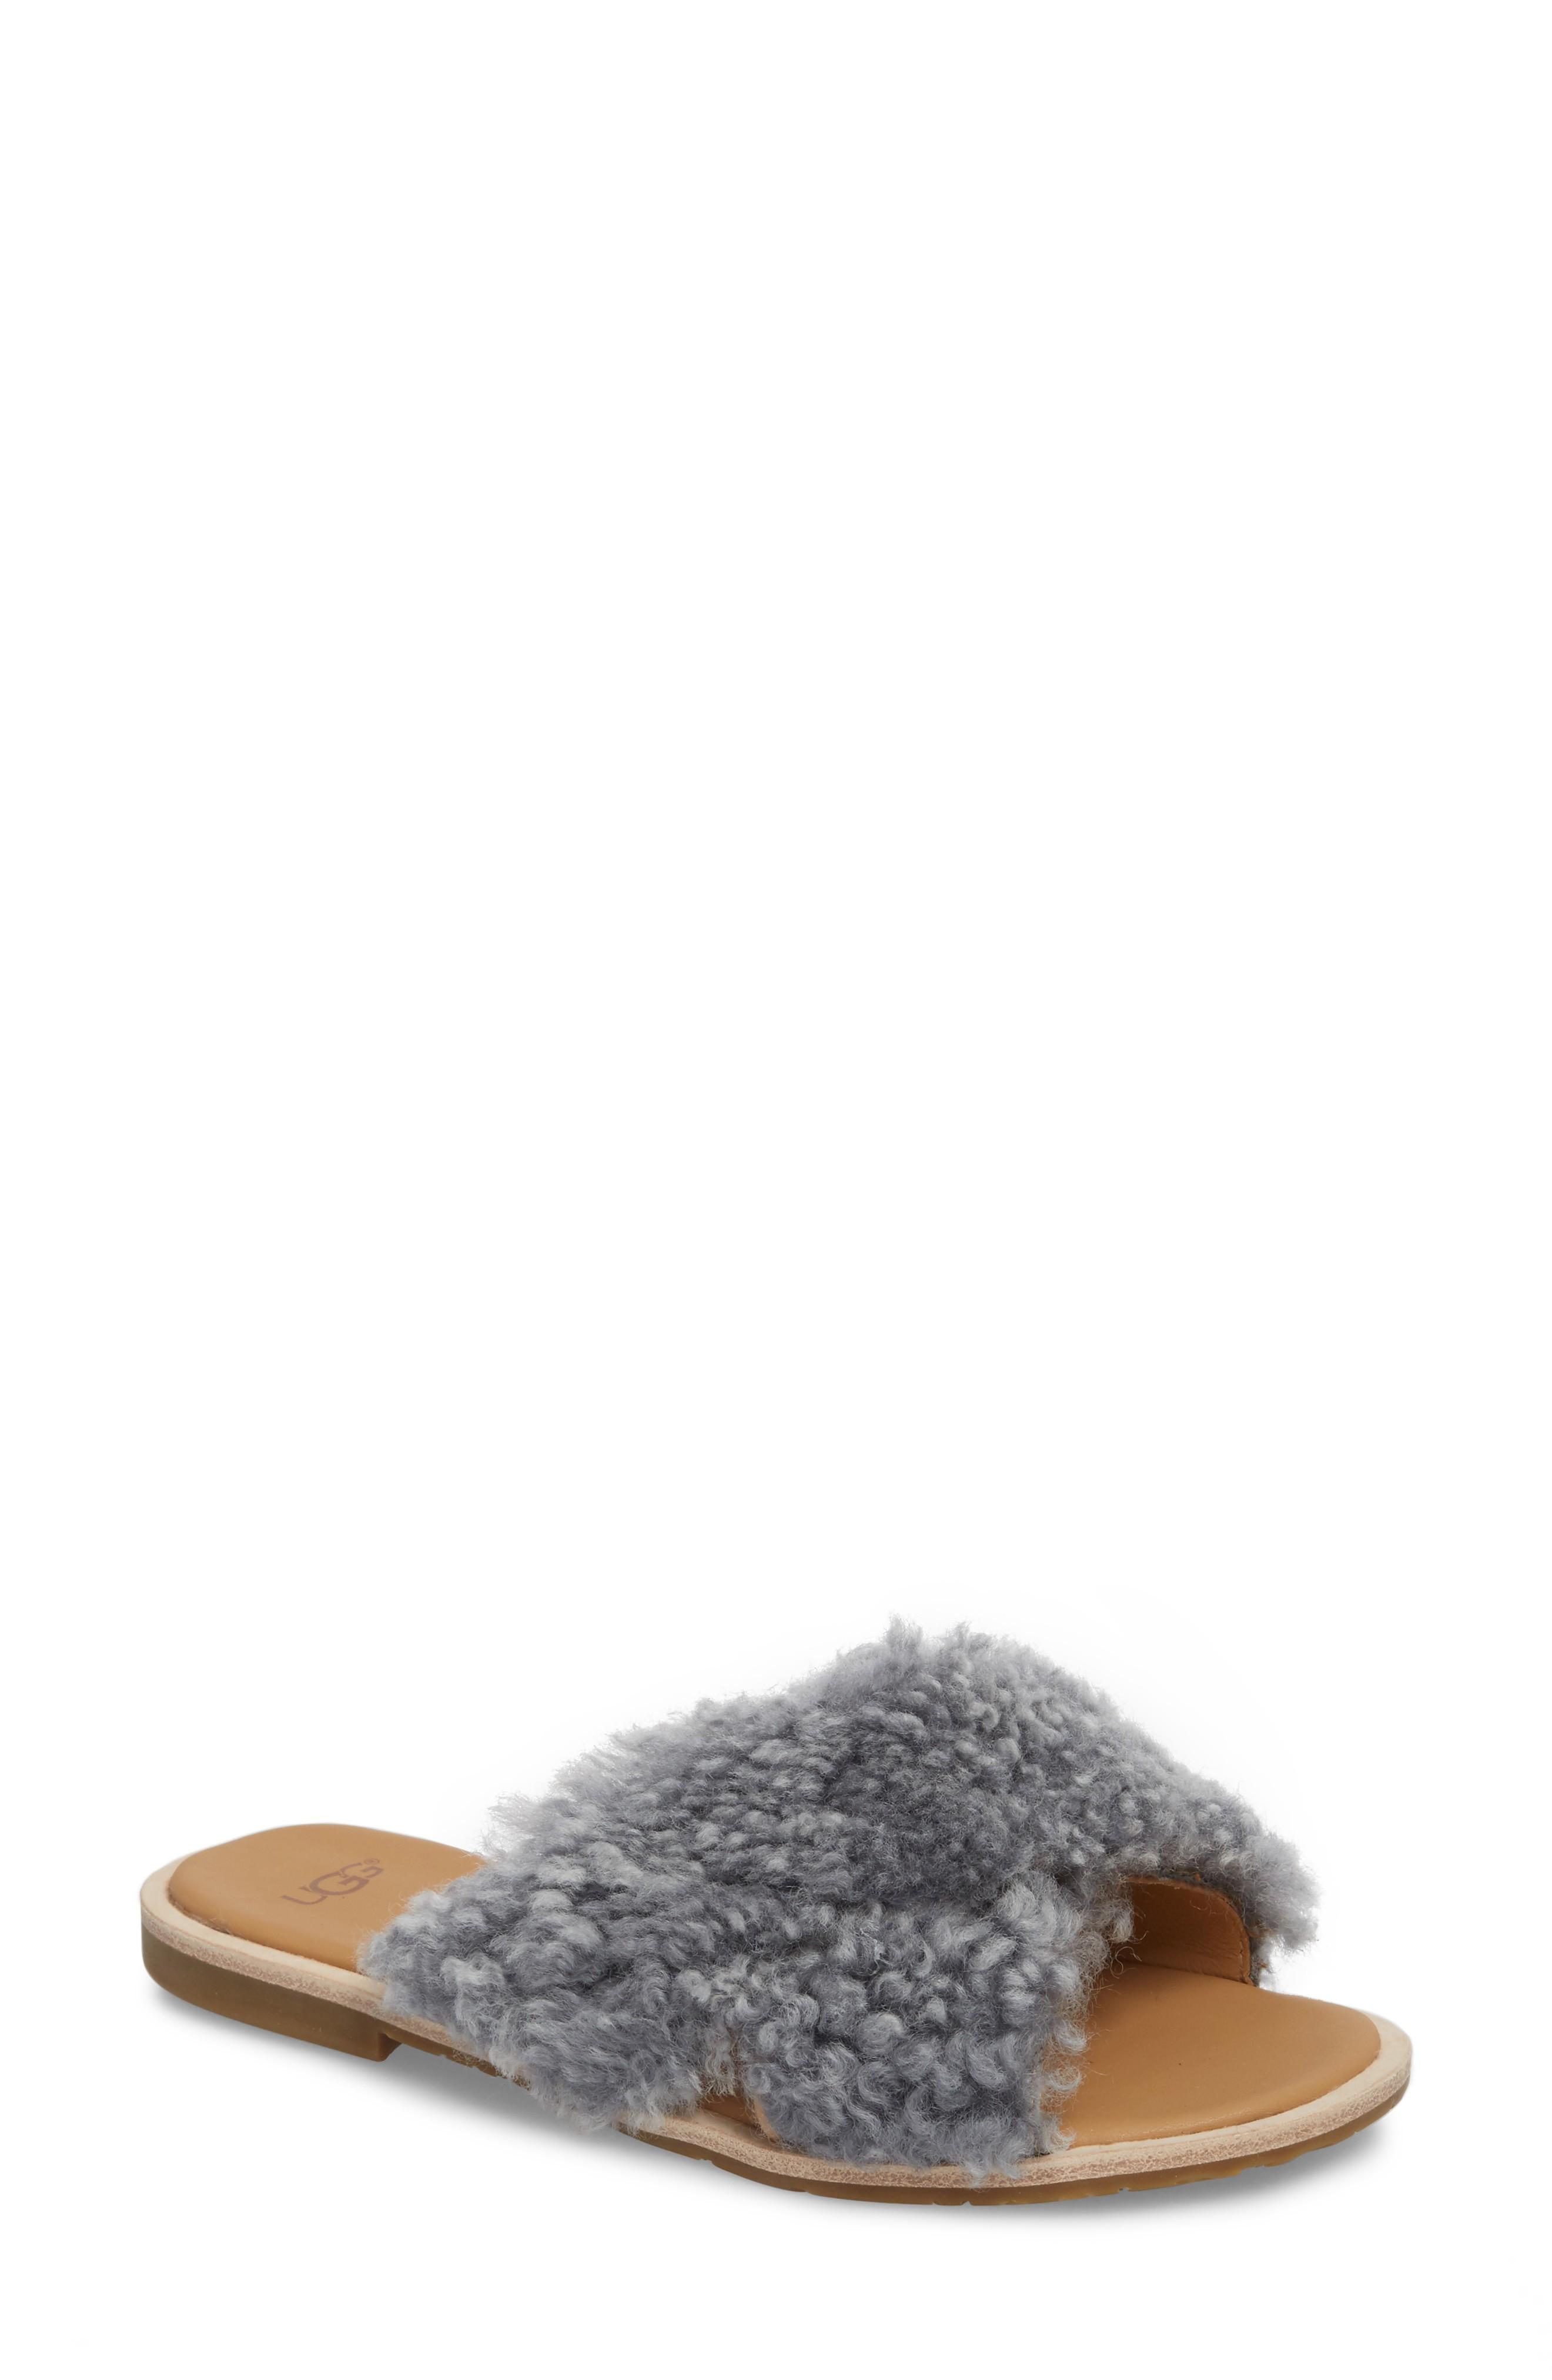 21533e9b3eb Ugg Joni Genuine Shearling Slide Sandal in Lude Grey